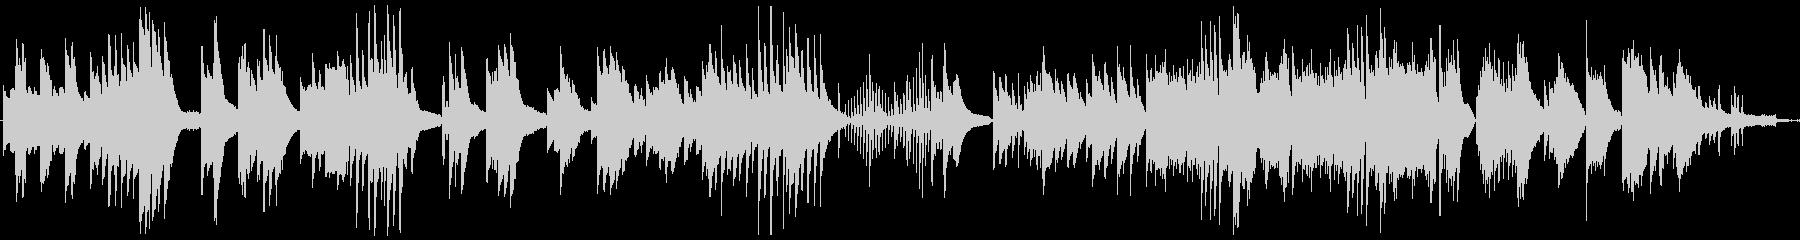 ゲーム音楽の悲しいシーンなどを想定した…の未再生の波形